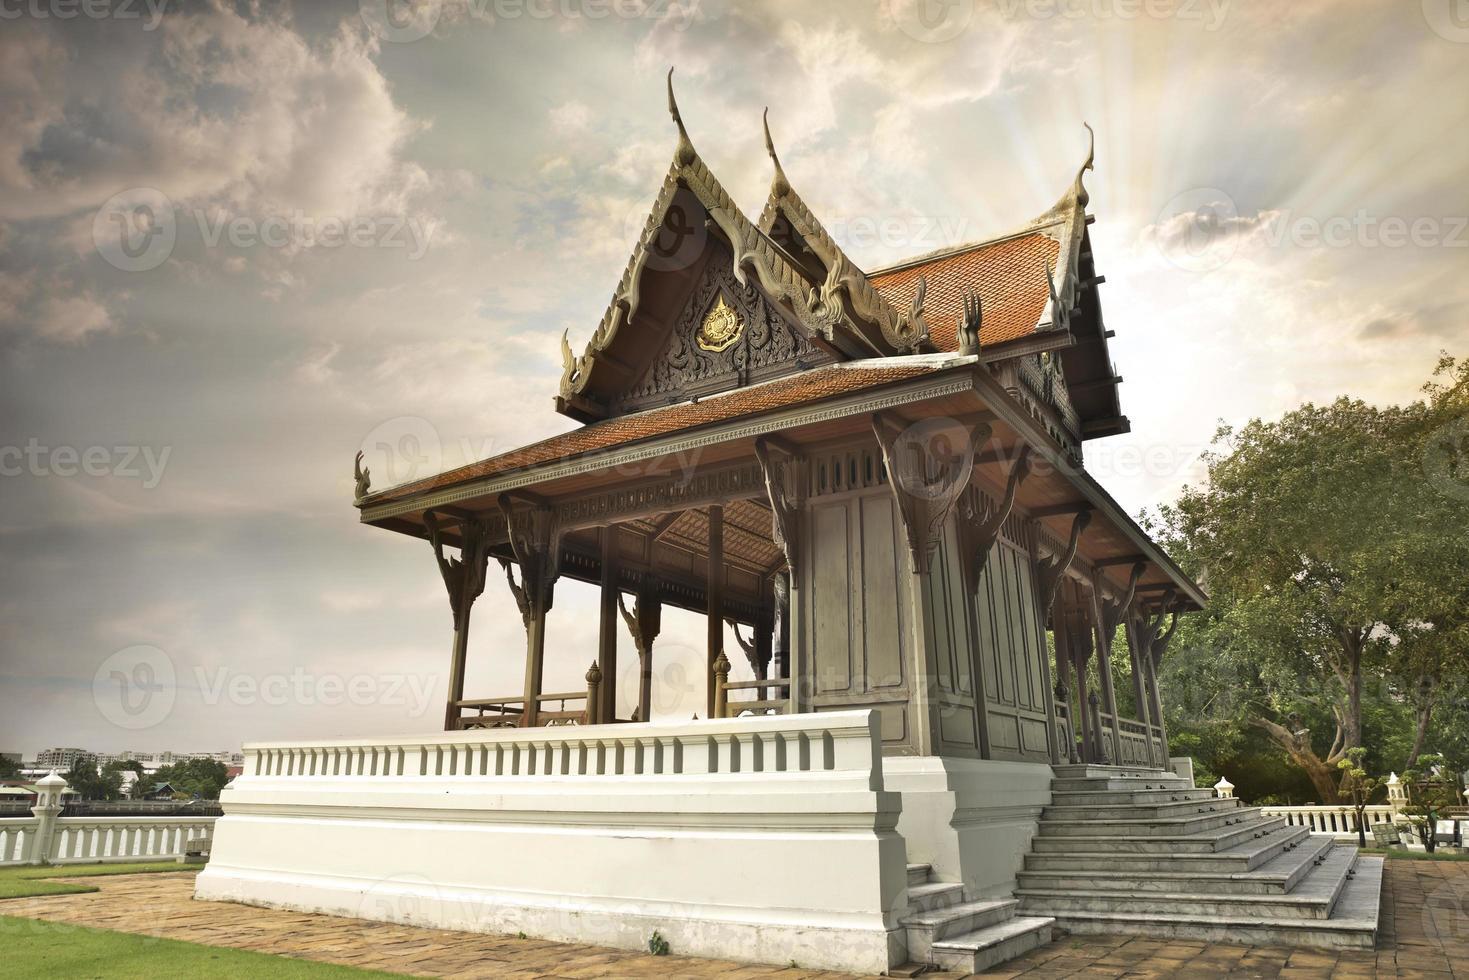 pequeno palácio real foto